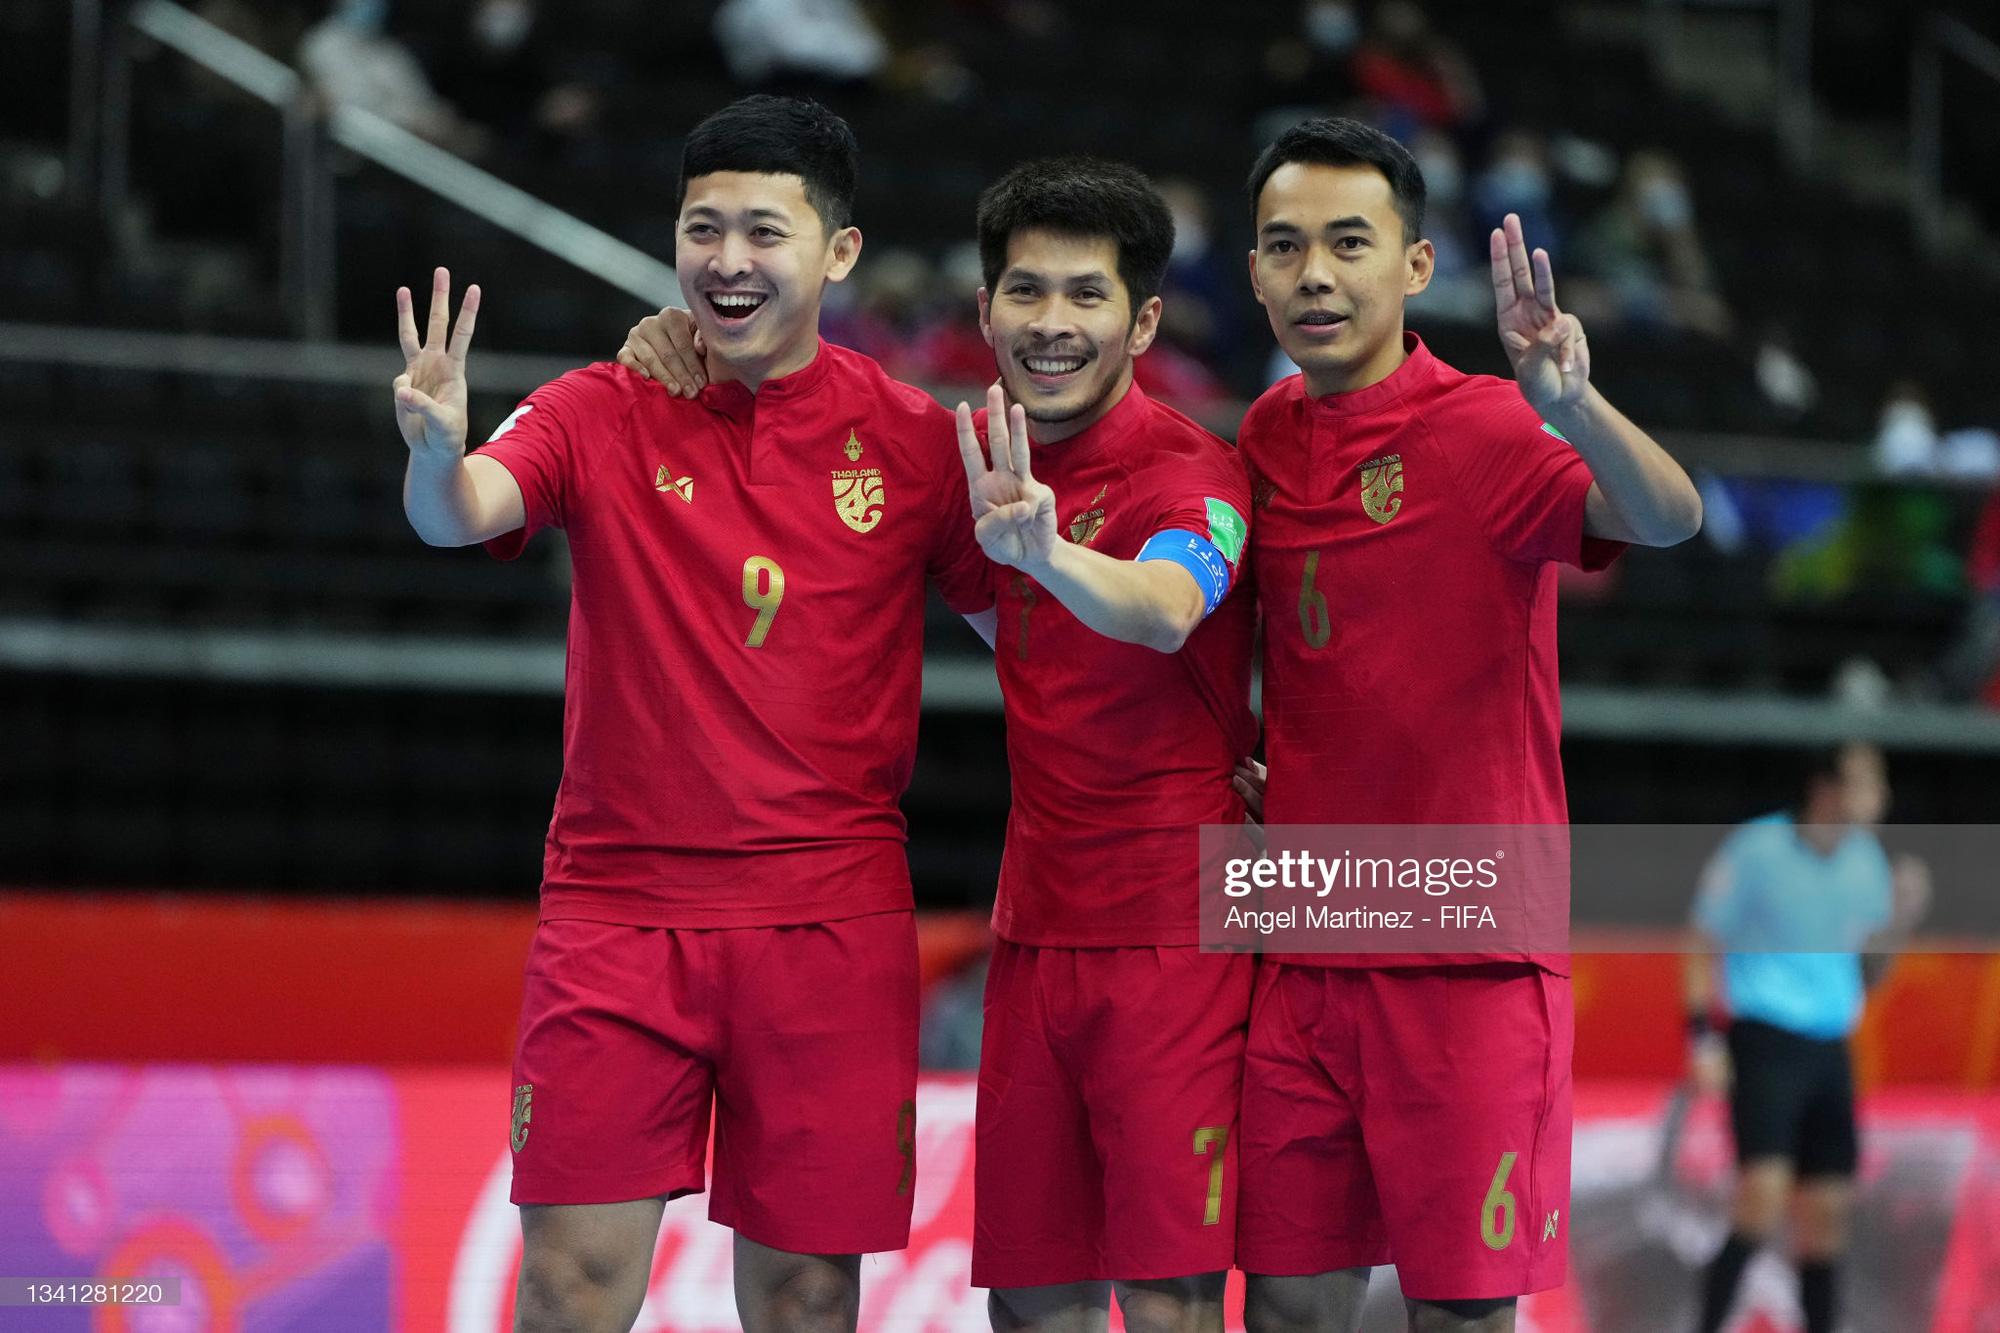 Fan Việt Nam và Thái Lan cùng ăn mừng khi 2 đội tuyển lọt vào vòng 16 đội Futsal World Cup 2021 - ảnh 2